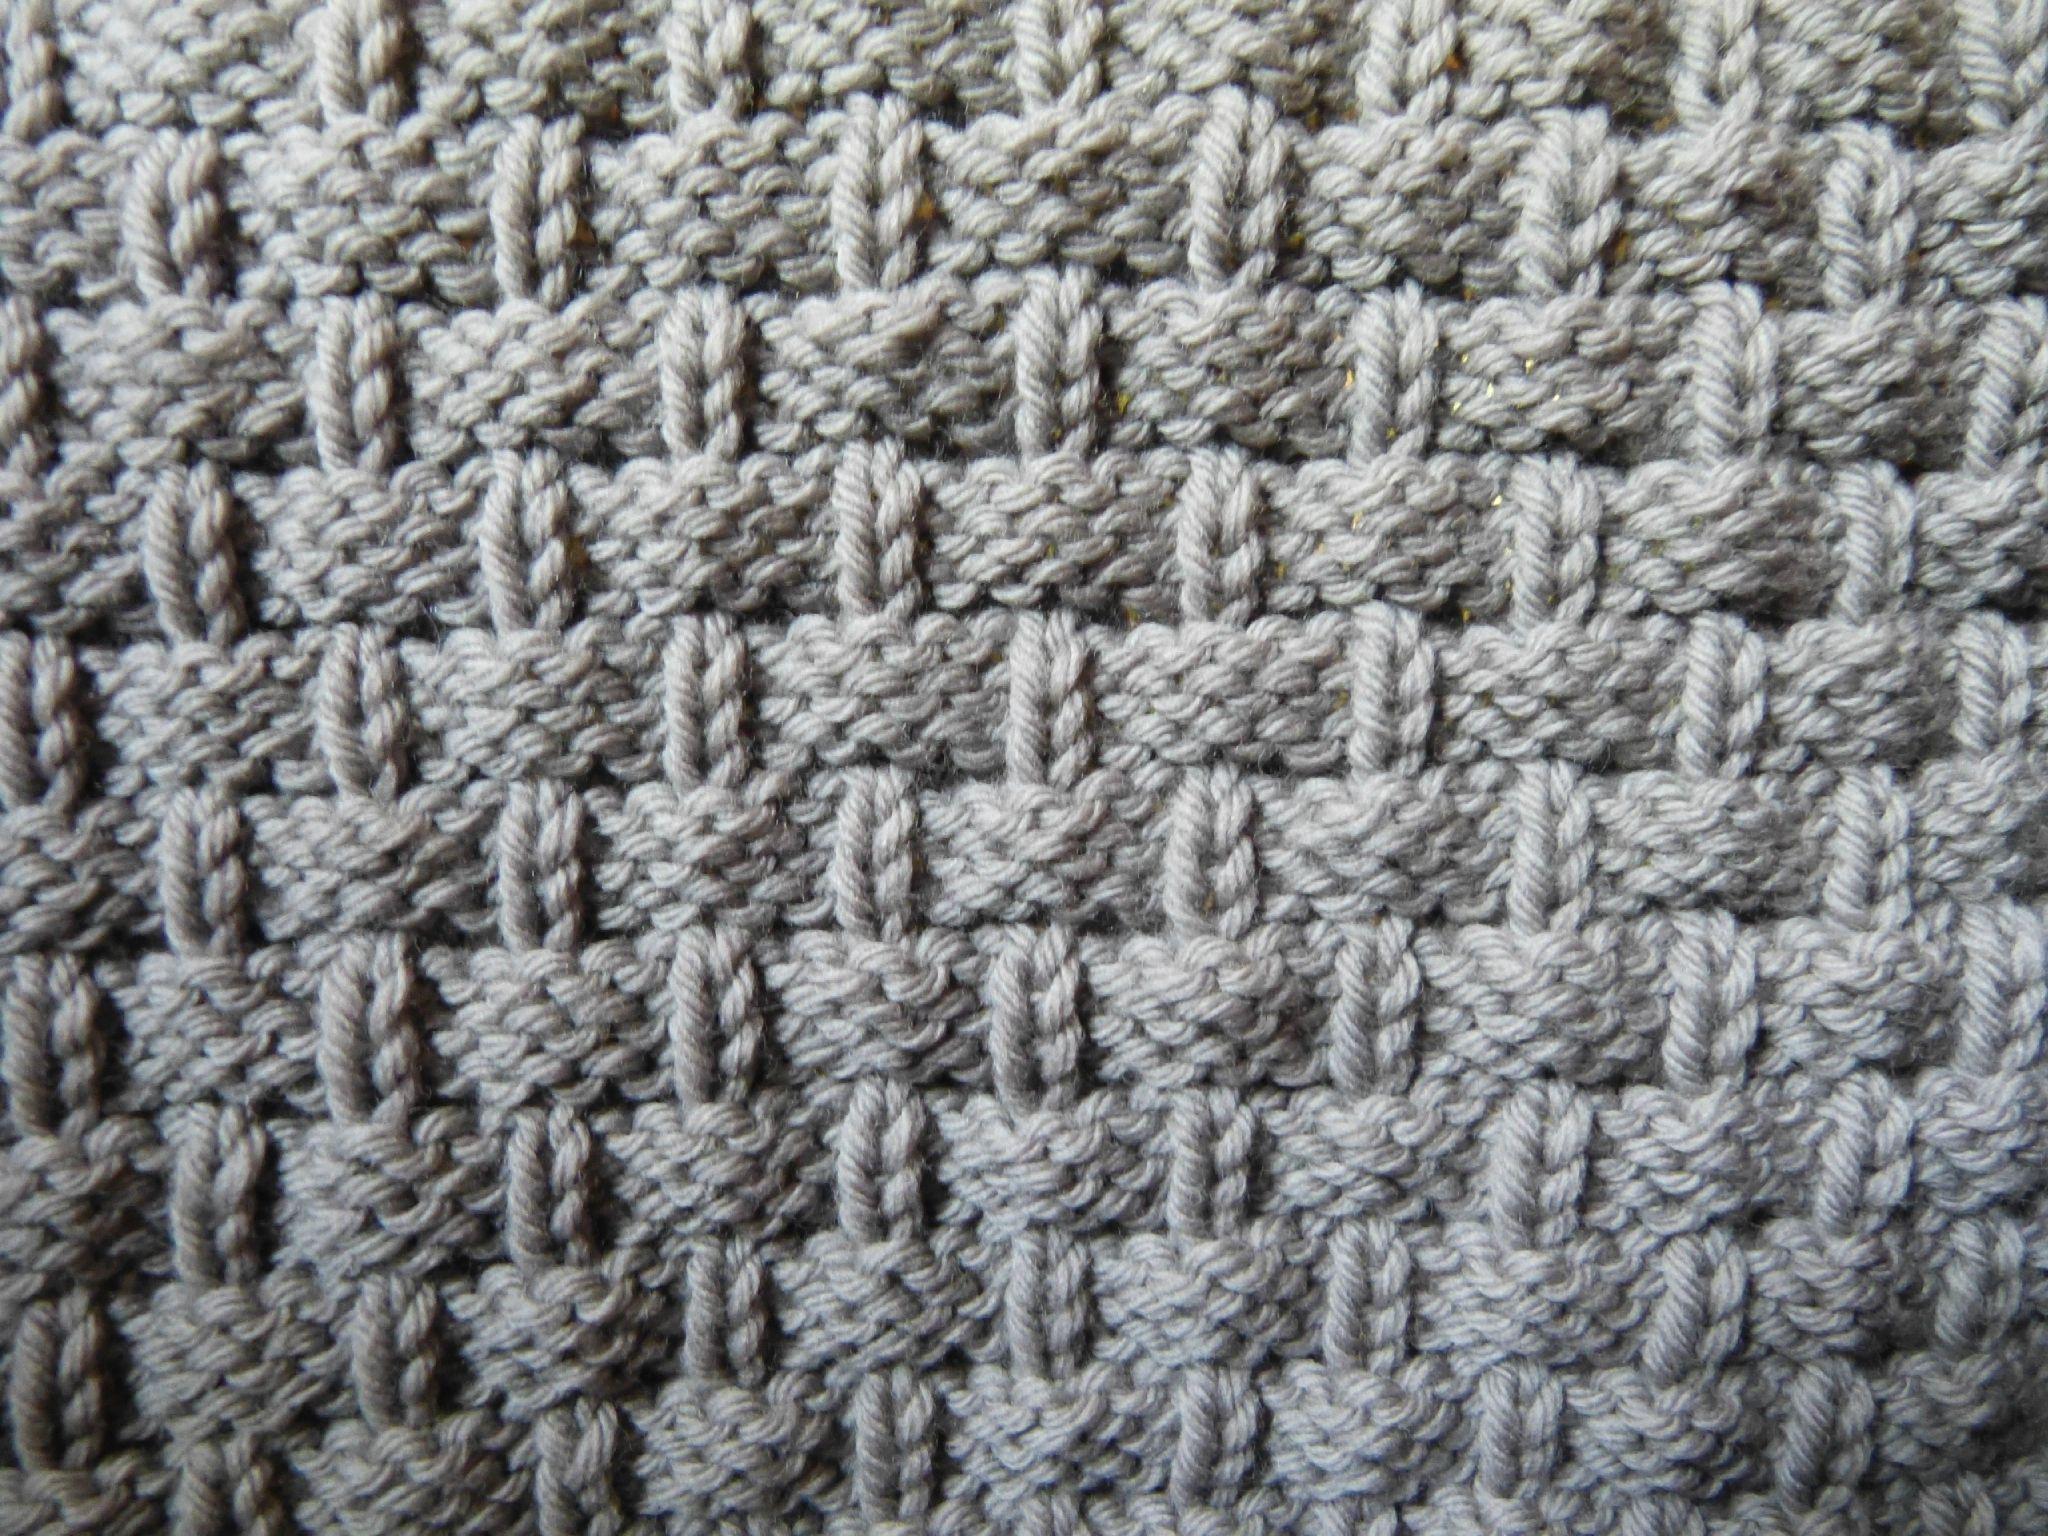 point de vannerie tricot pinterest tressage de panier points et tricot. Black Bedroom Furniture Sets. Home Design Ideas